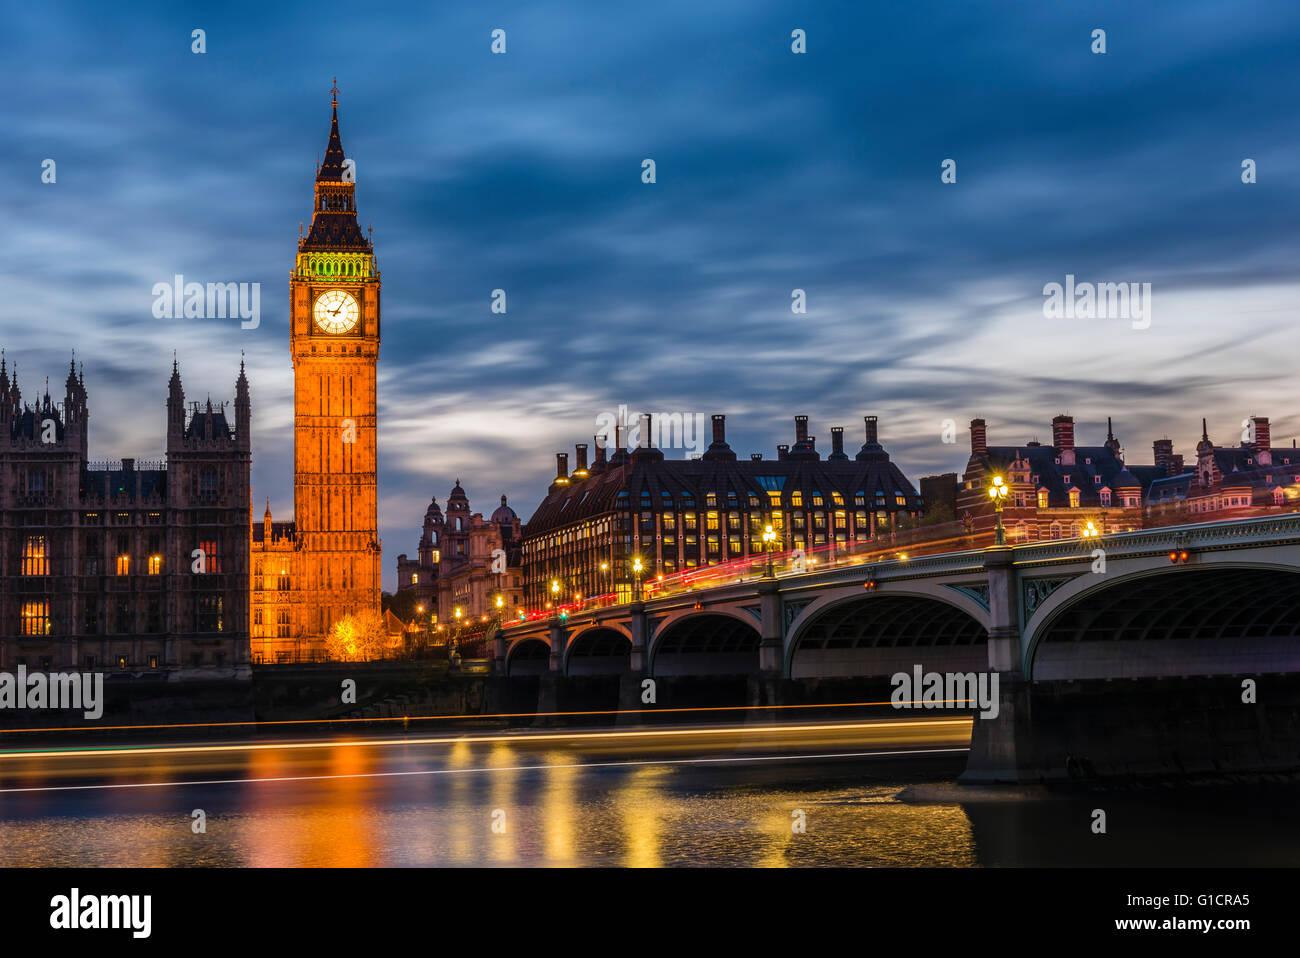 Une longue exposition au crépuscule d'autobus sur le pont de Westminster et bateaux sur la Tamise, Londres, Royaume-Uni. Banque D'Images